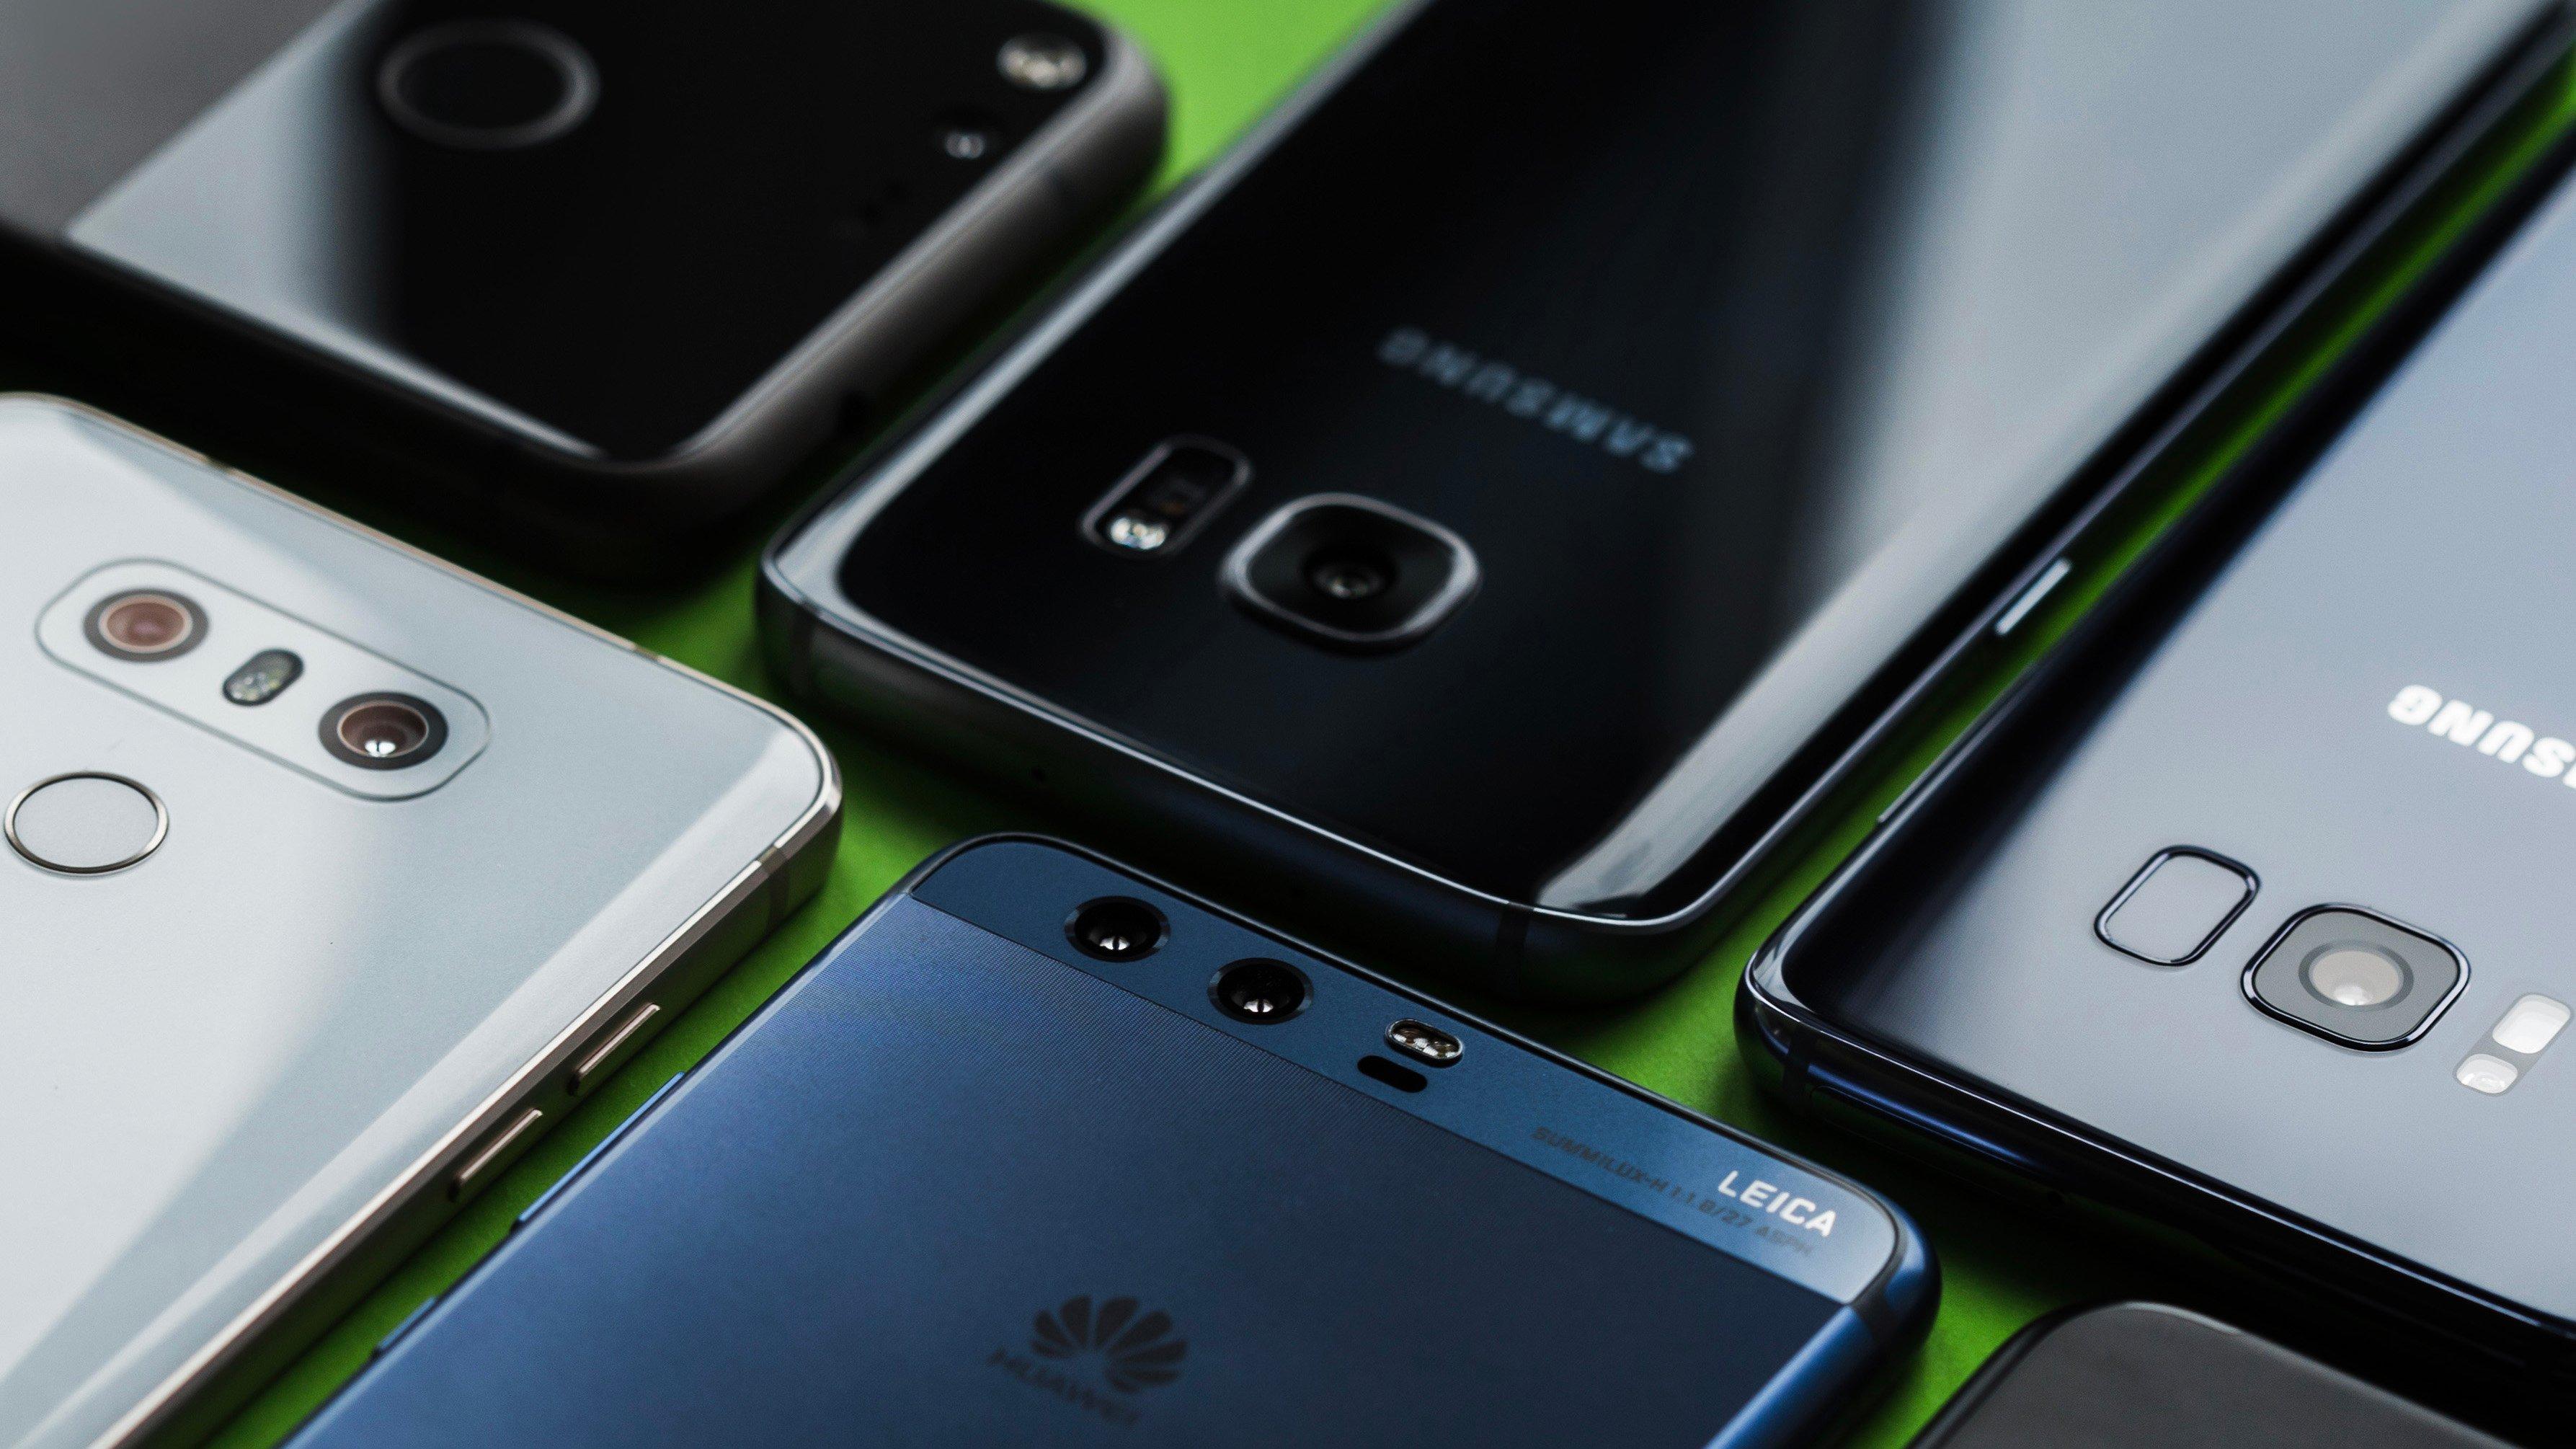 Antutu d signe les 10 smartphones les plus performants en ao t 2017 androidpit - Les inserts les plus performants ...